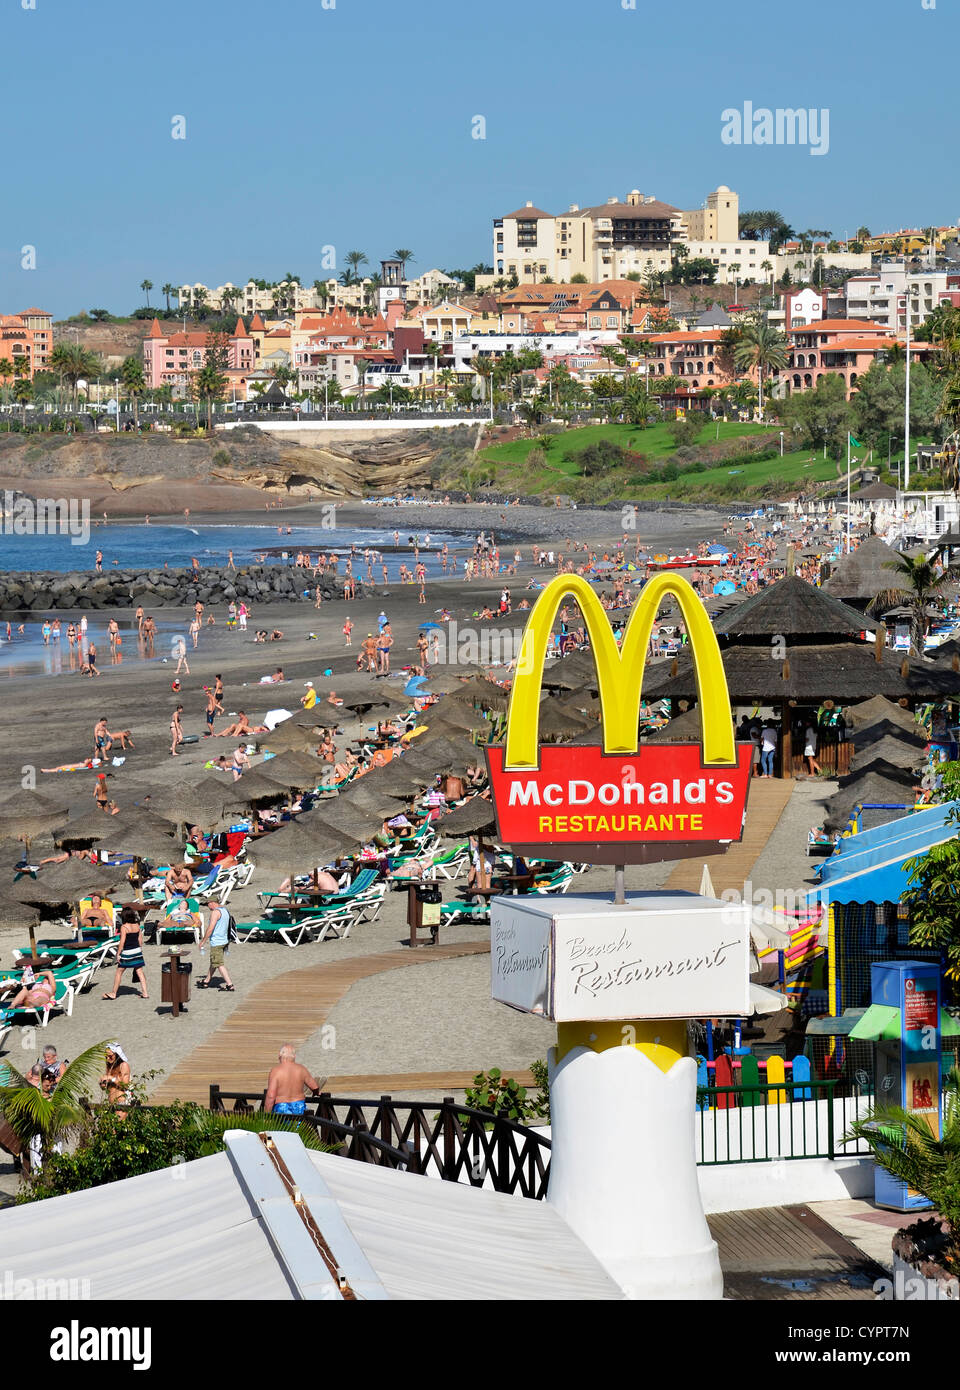 Un restaurante Mcdonalds por la playa de Torviscas en la costa Adeje, en Tenerife, Islas Canarias. Imagen De Stock